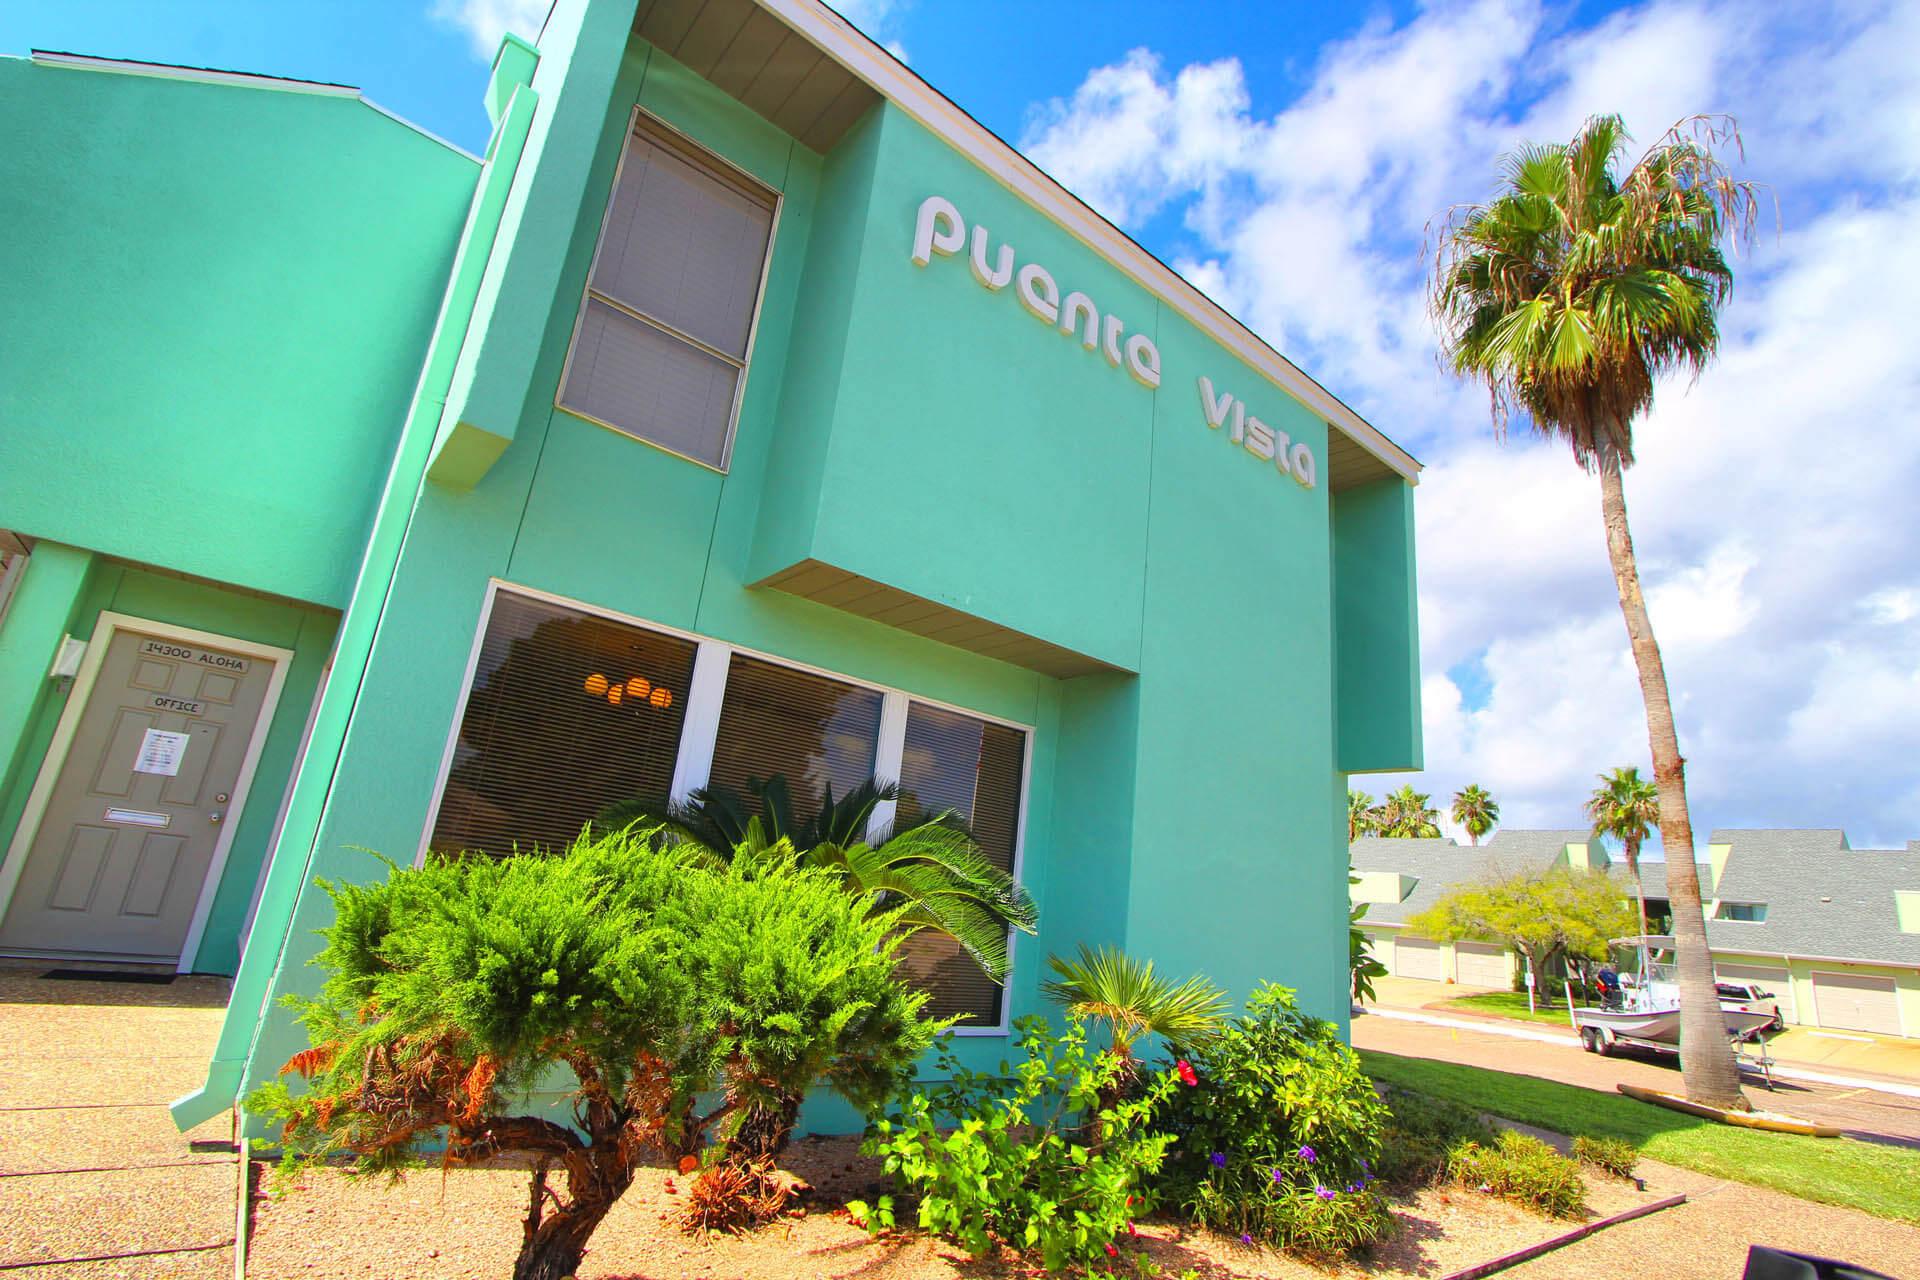 Puenta Vista Building